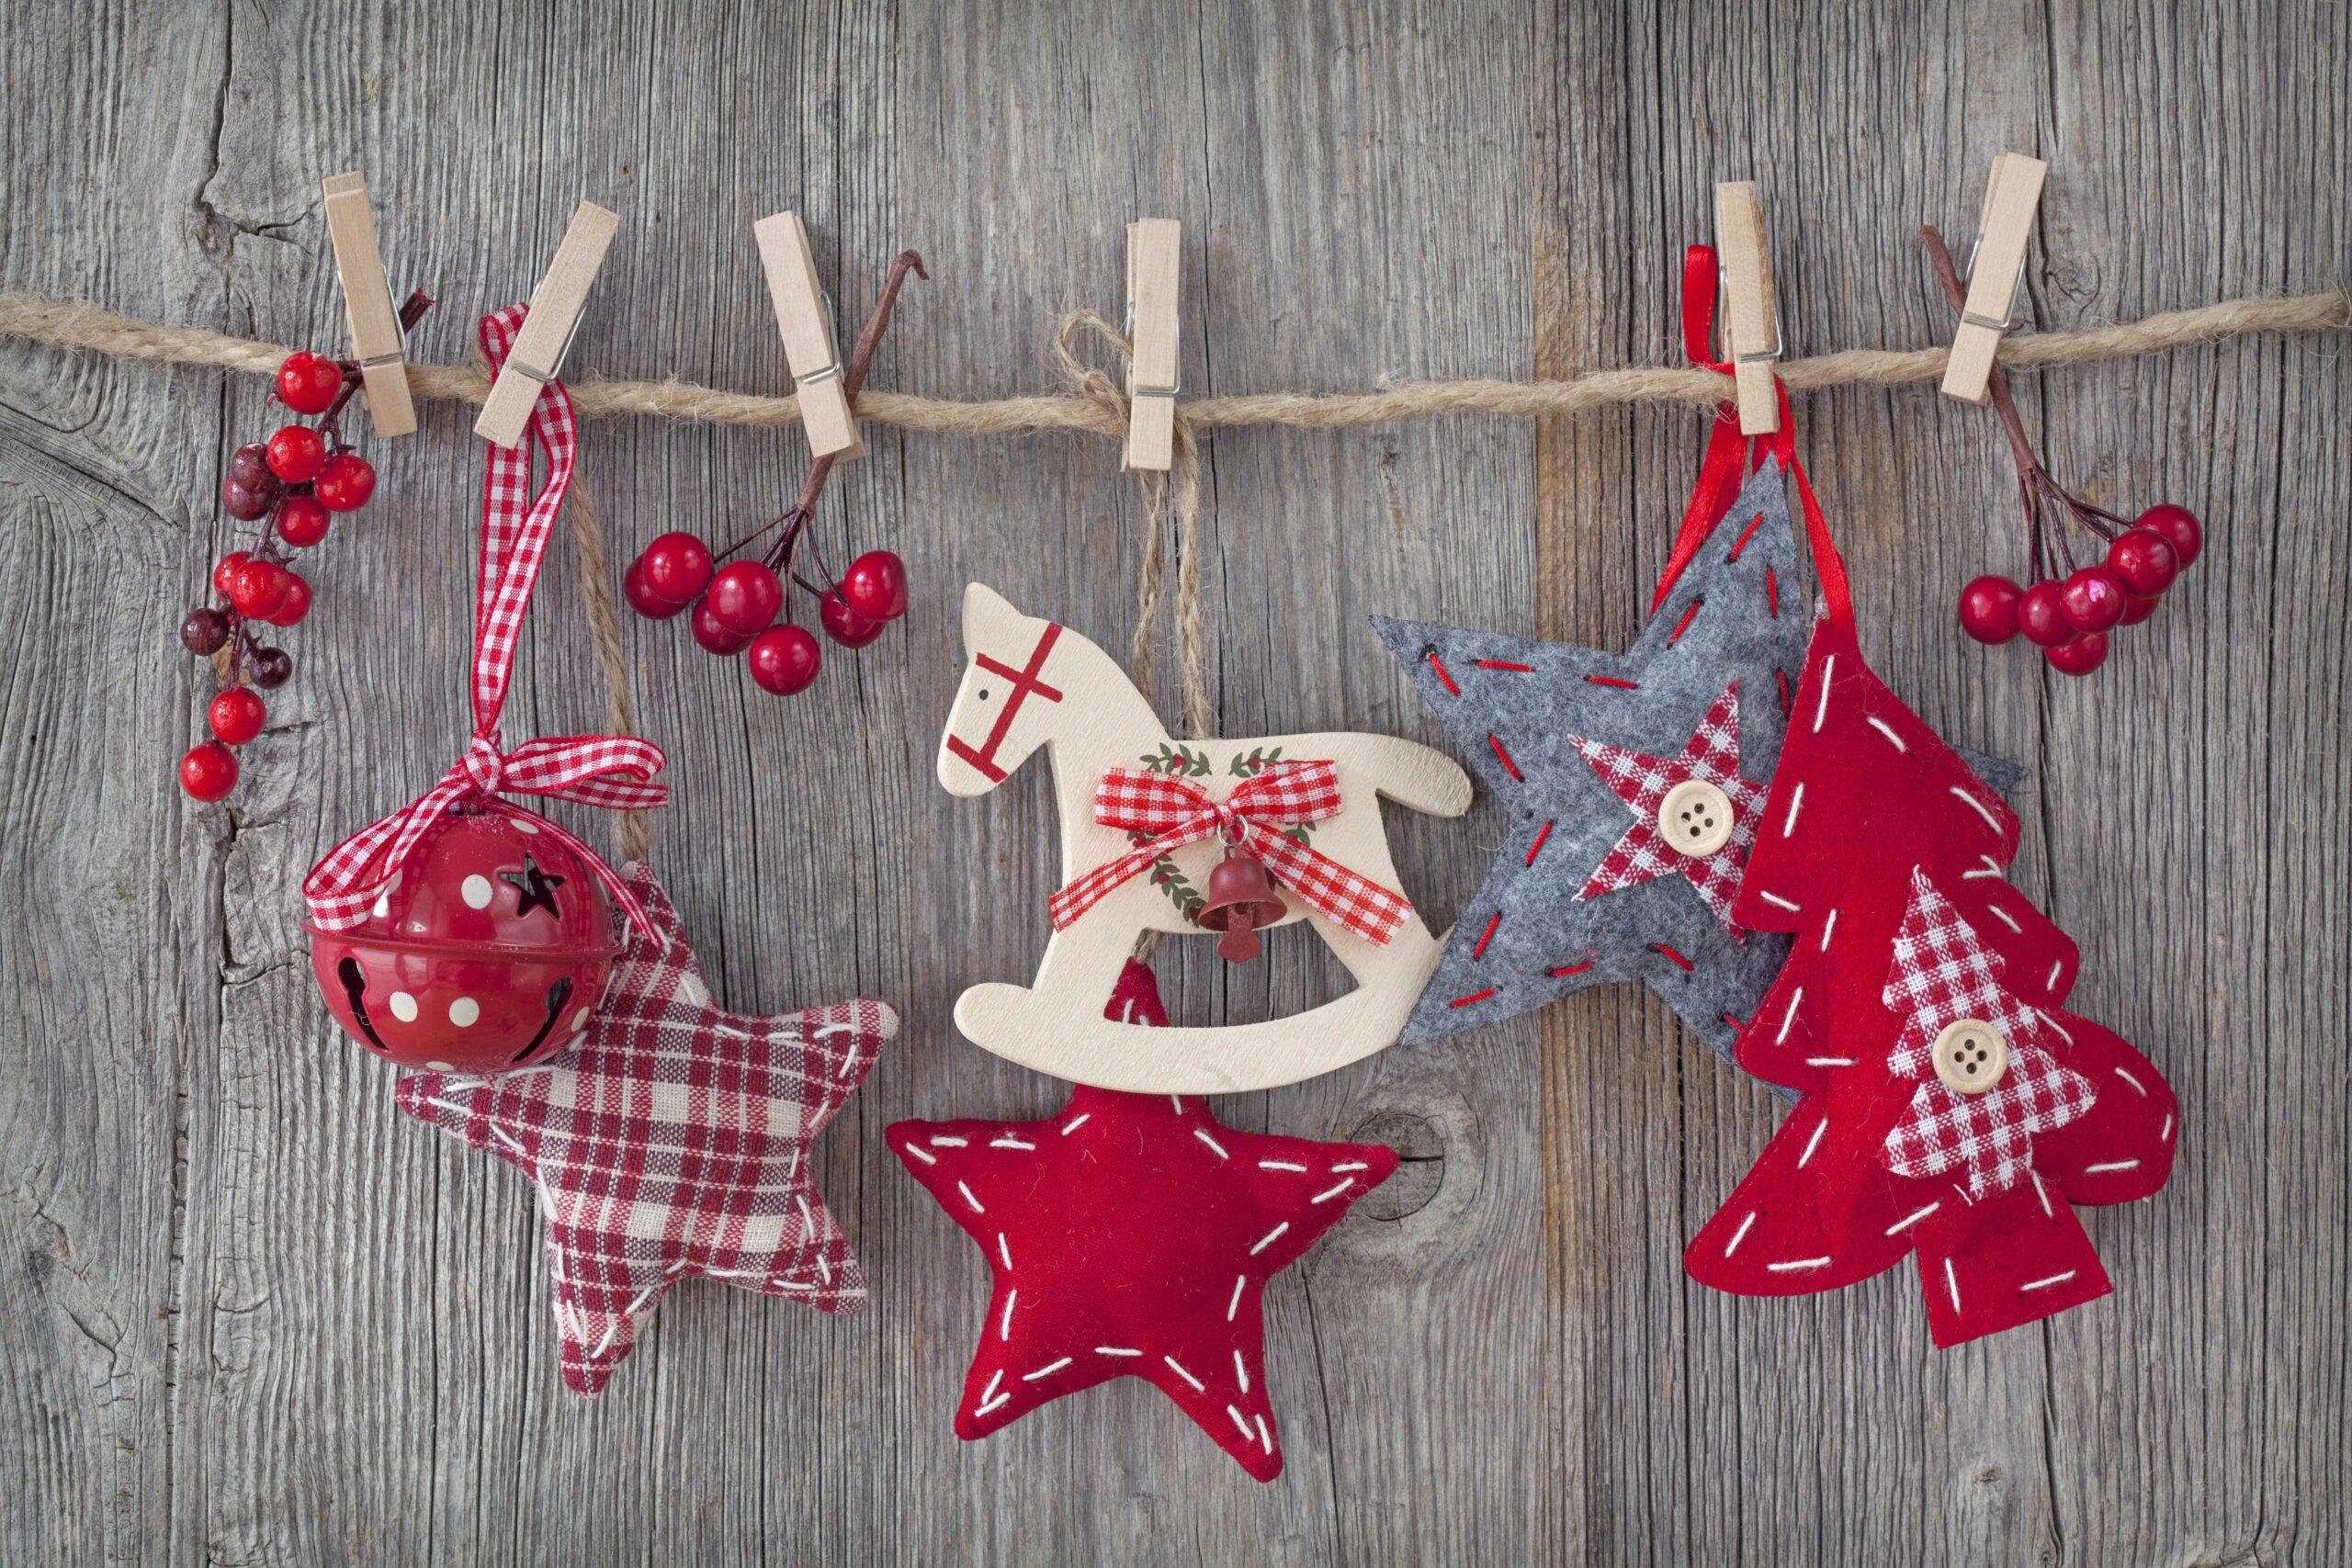 Decorazioni di Natale fai da te, con la carta e in digitale